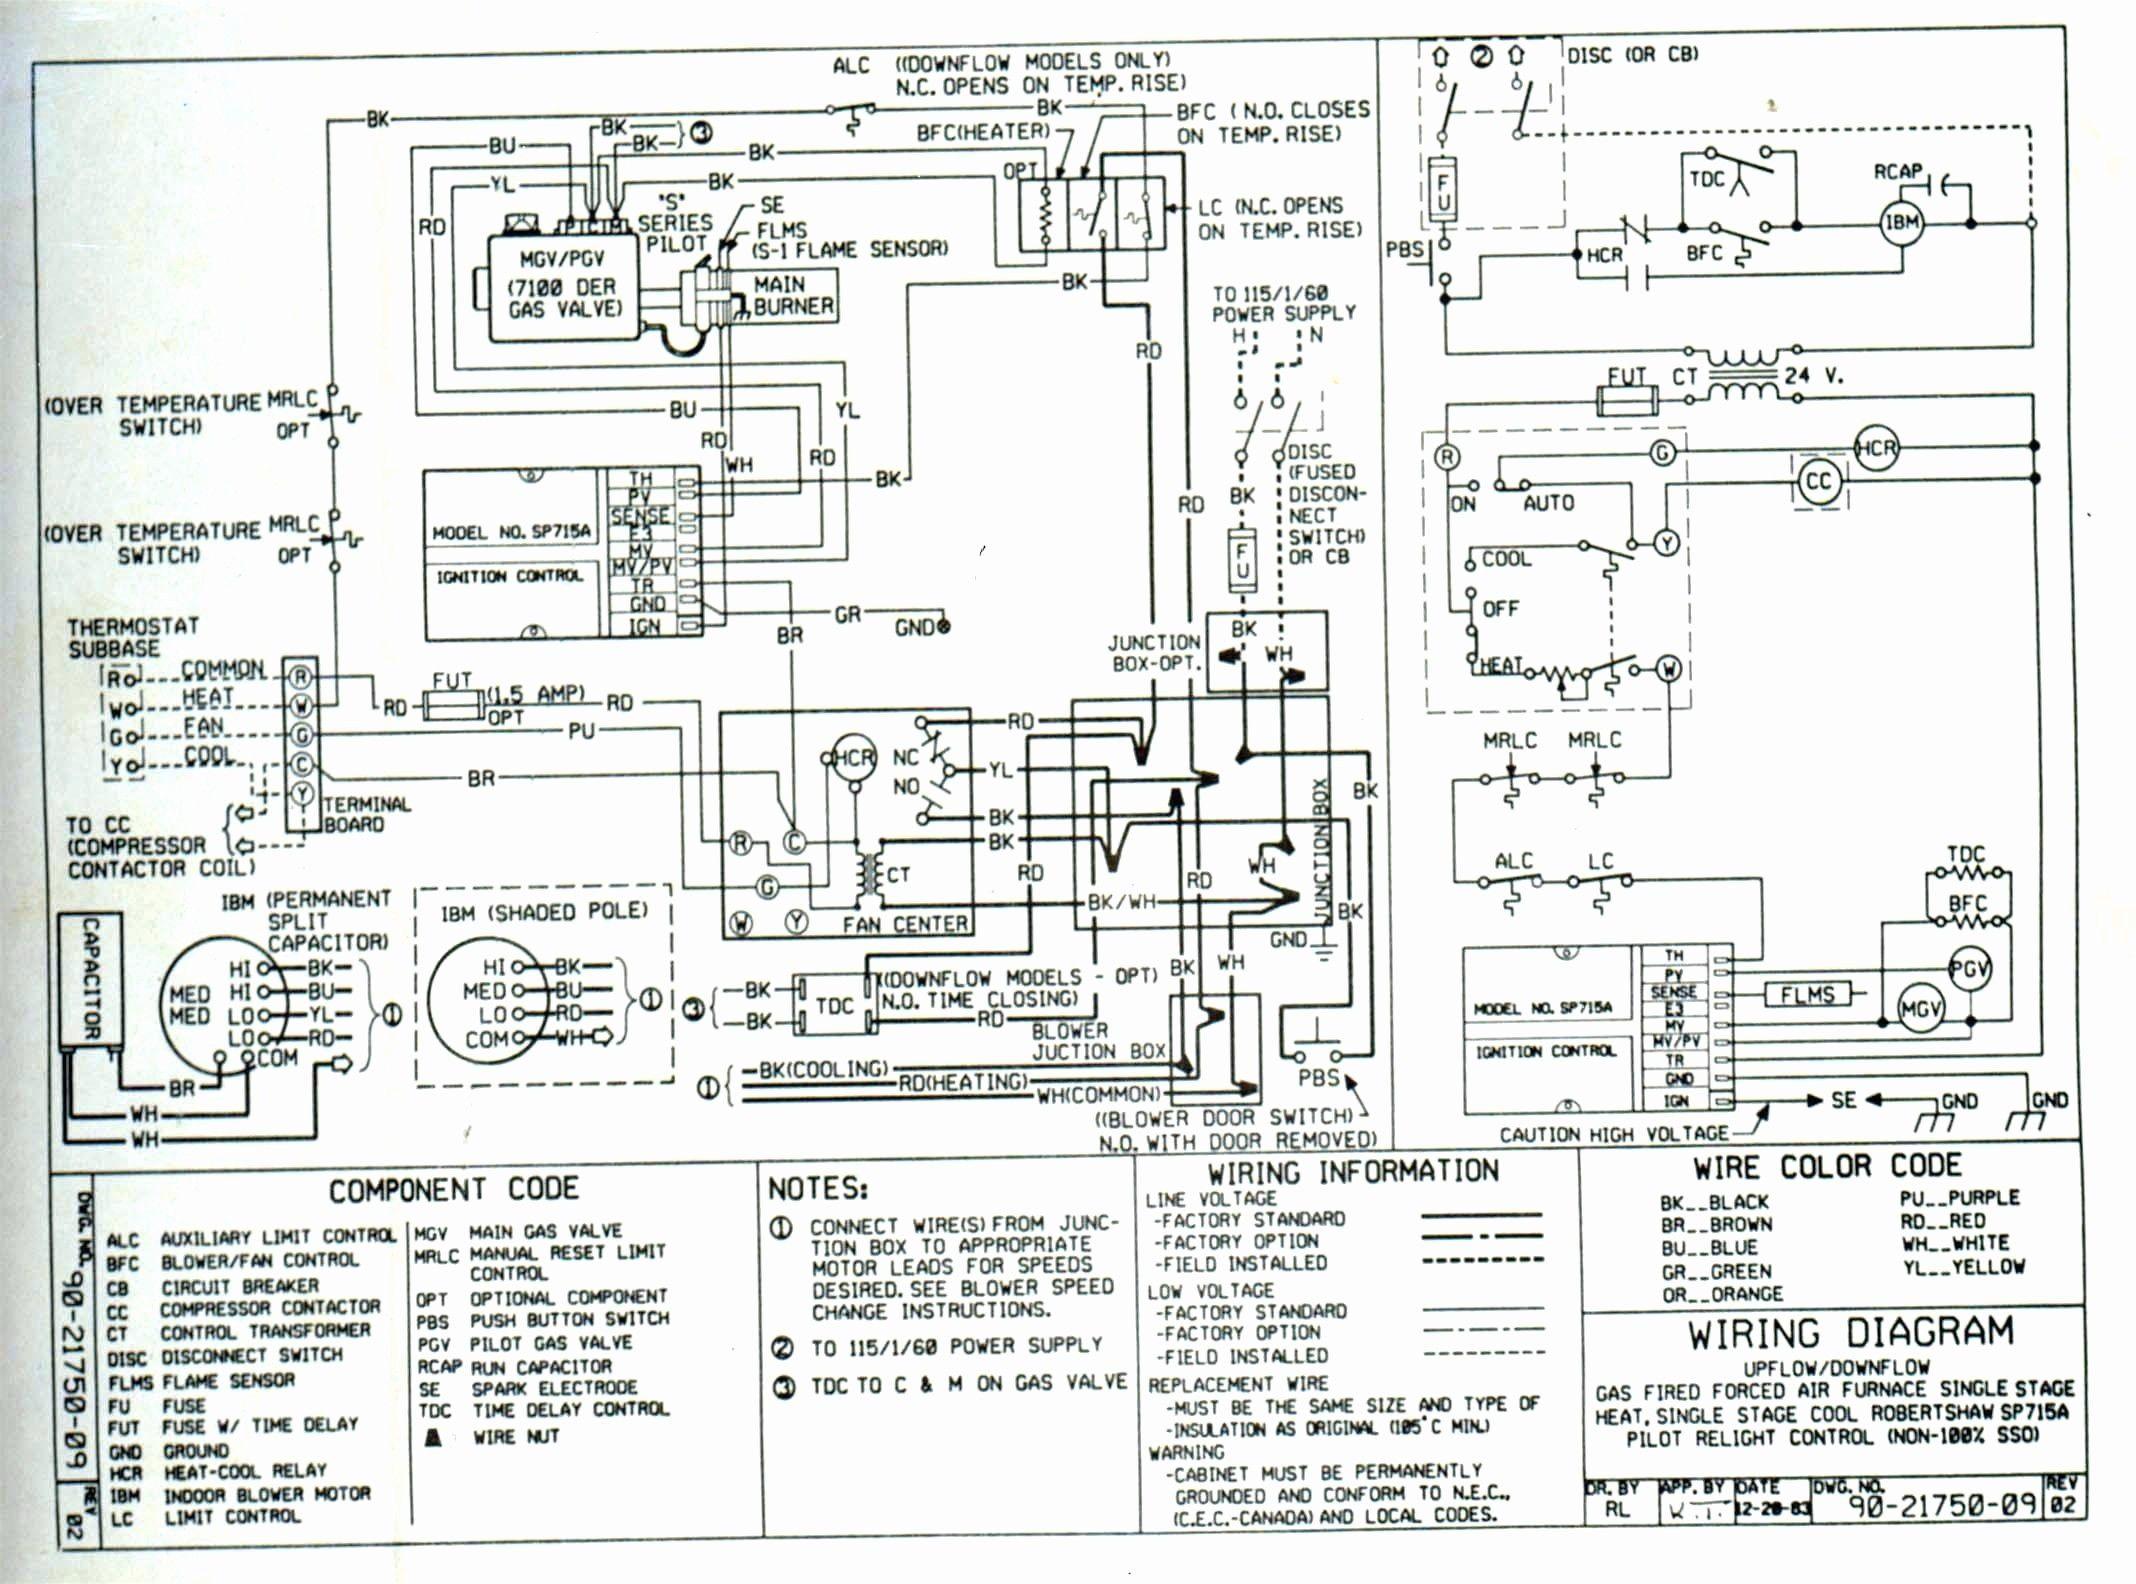 Best Of 2007 International 4300 Wiring Diagram Thermostat Wiring Trane Heat Pump